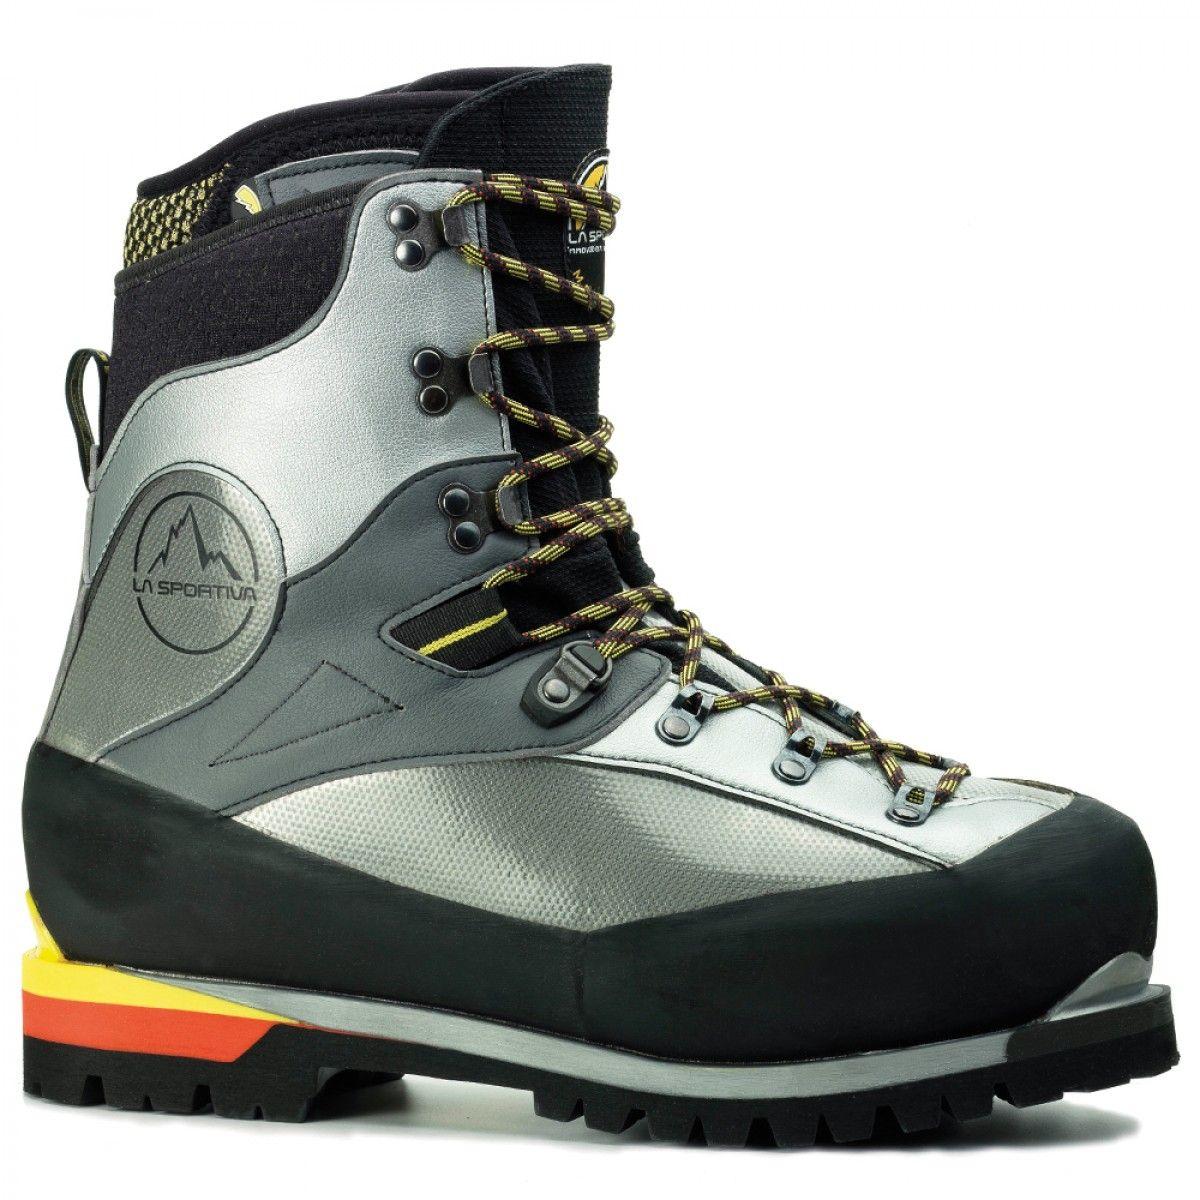 Photo of La Sportiva Mountaineering Boot Baruntse